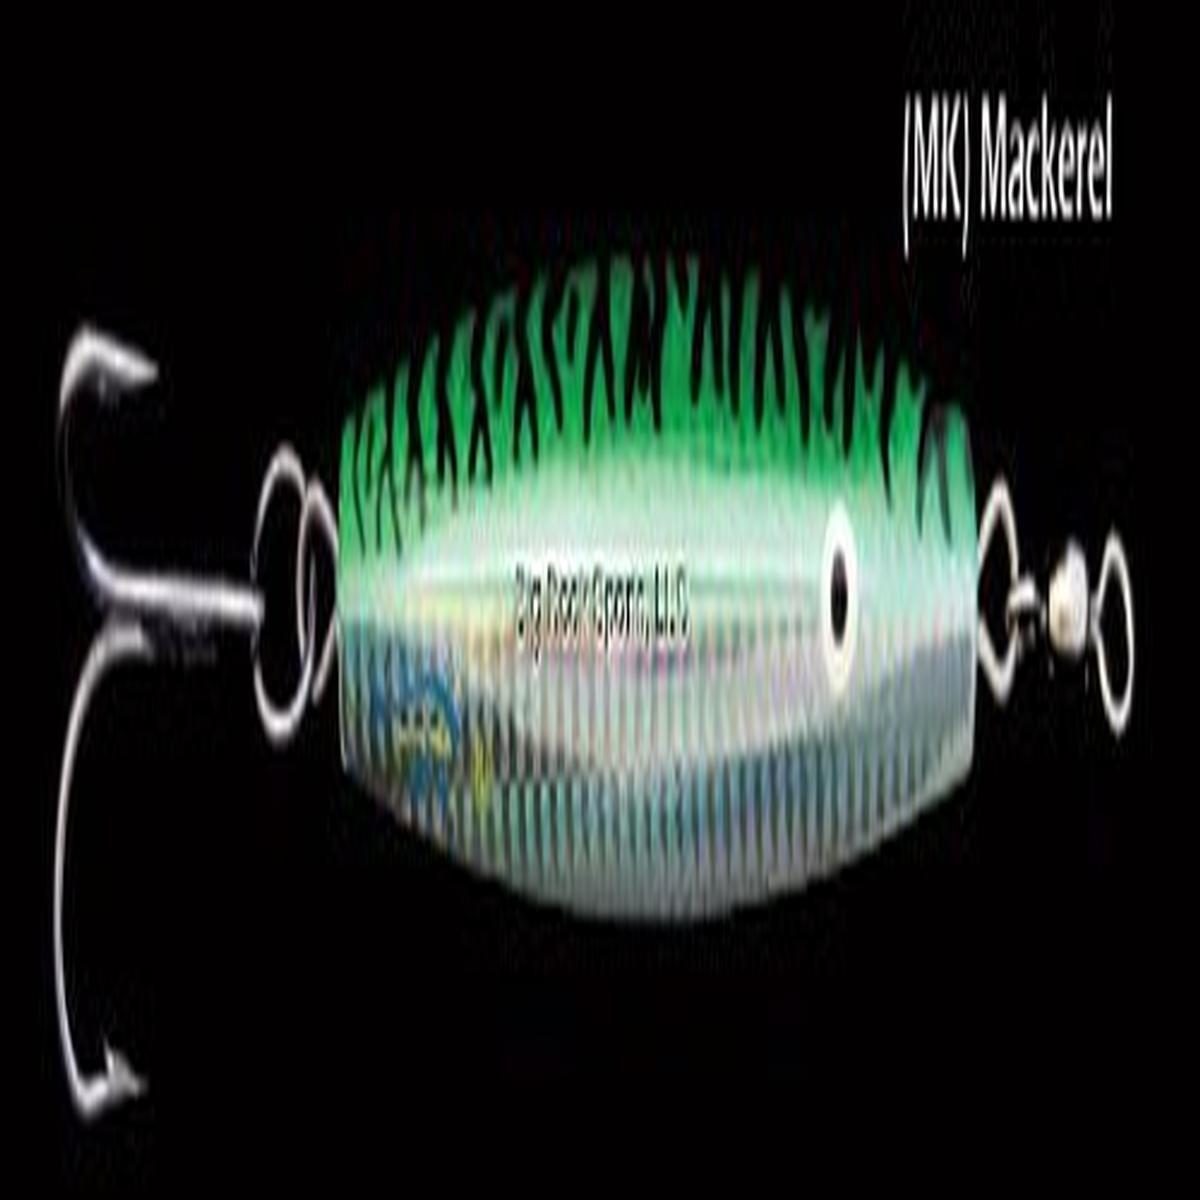 お気にいる Ahi Assaultダイヤモンドジグwith B00AU5SSQ8 Ahi Mustadフック B00AU5SSQ8 4|Mackerel Mackerel Mackerel 4, 家具インテリア雑貨のアラモード:663c3f65 --- a0267596.xsph.ru